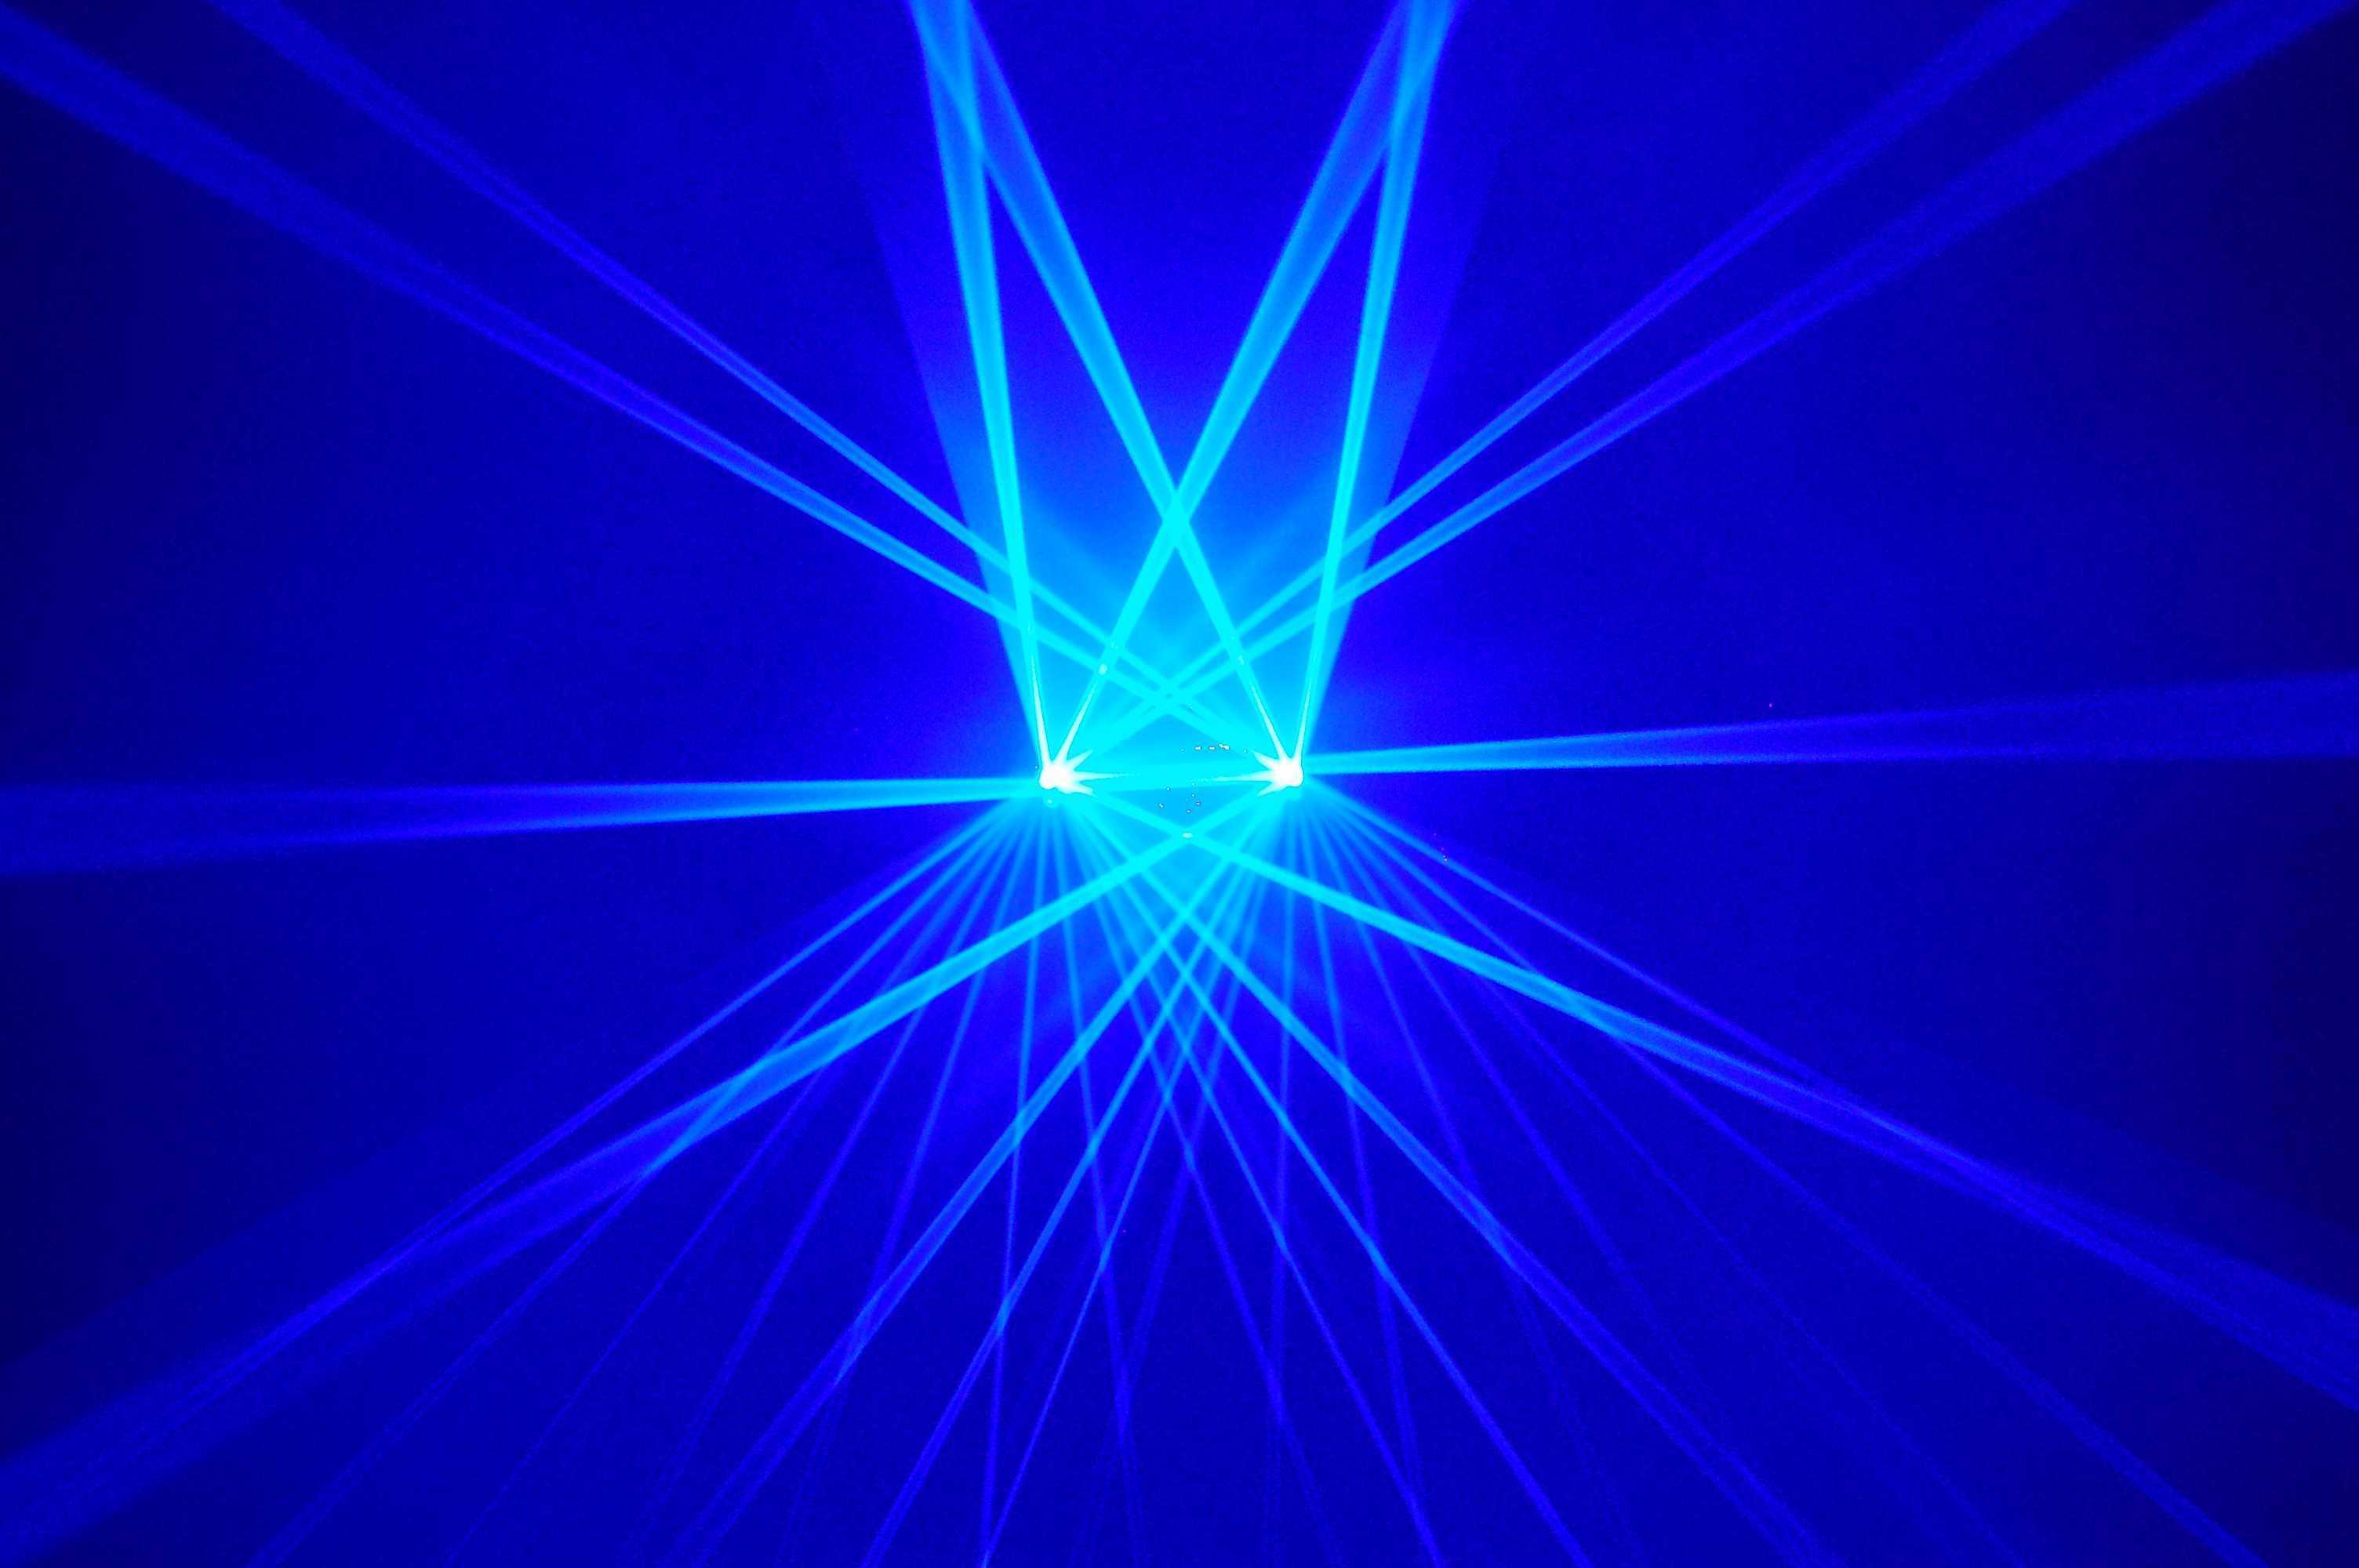 Light Blue Laser Bing Images